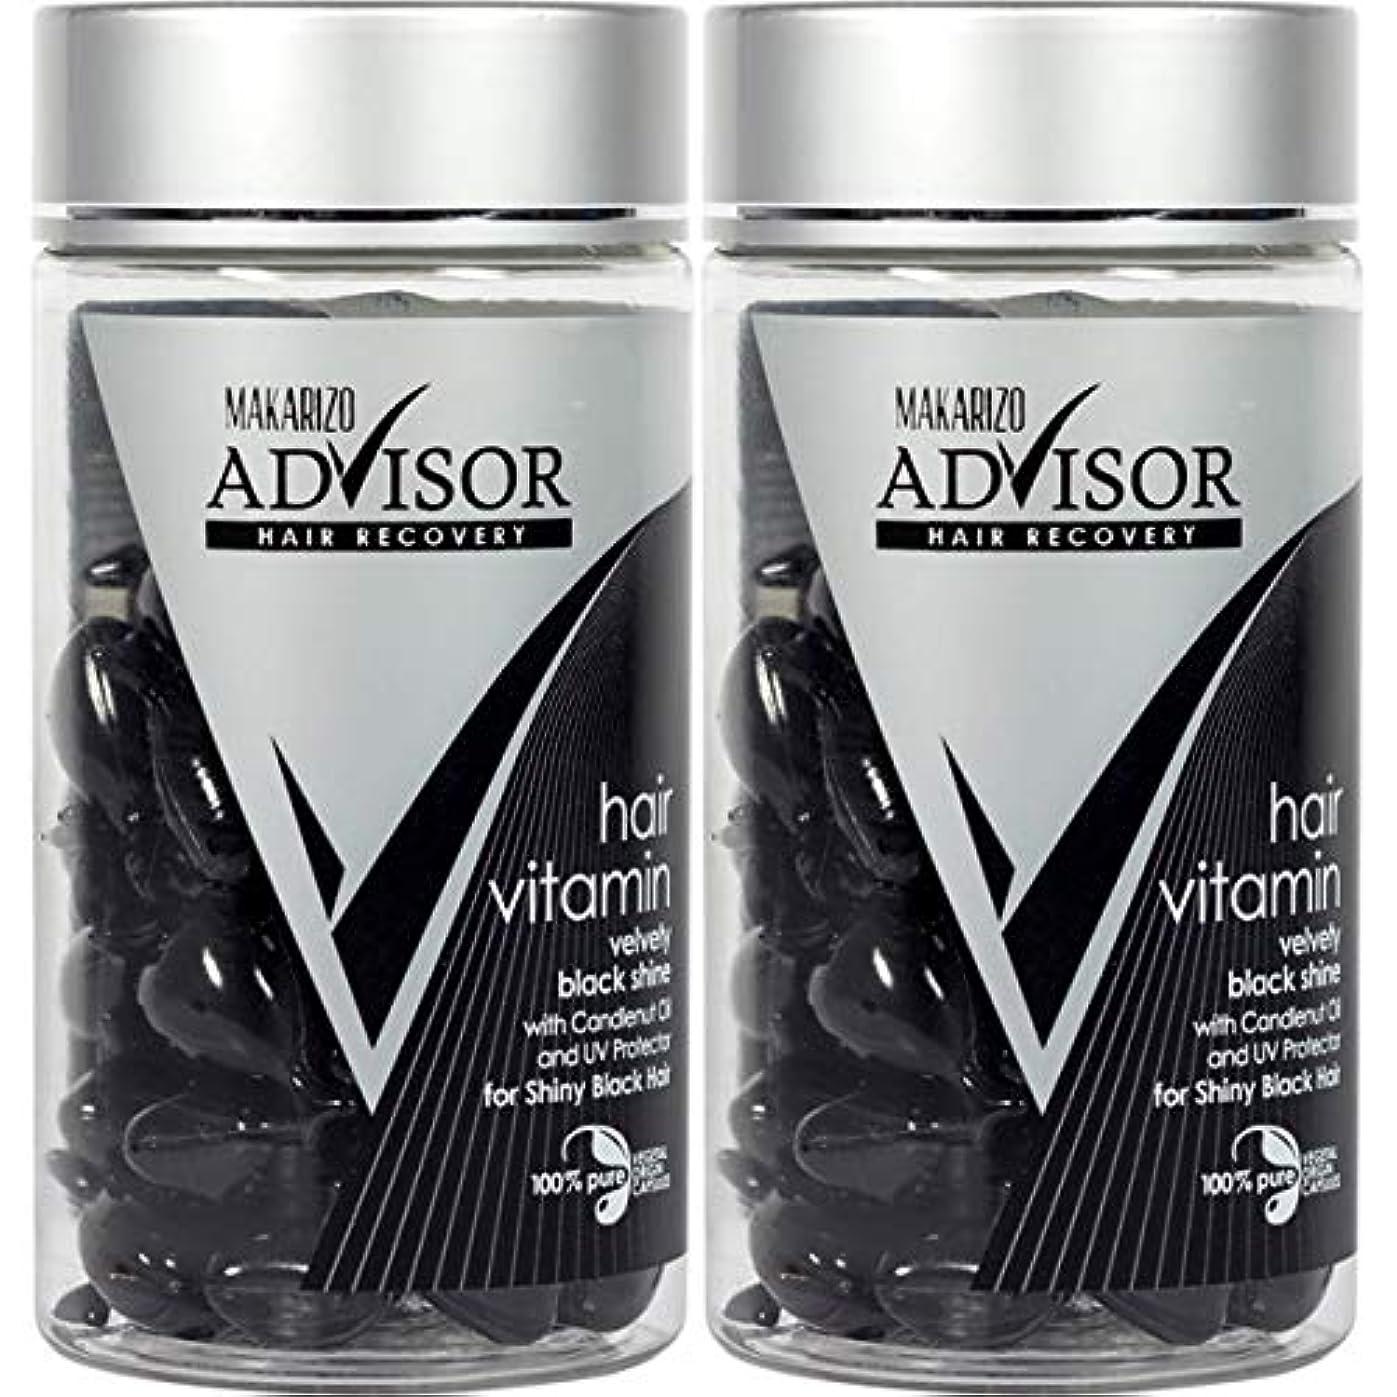 名前でなす不規則なMAKARIZO マカリゾ Advisor アドバイザー Hair Vitamin ヘアビタミン 50粒入ボトル×2個セット Velvety Black Shine ブラック [海外直送品]